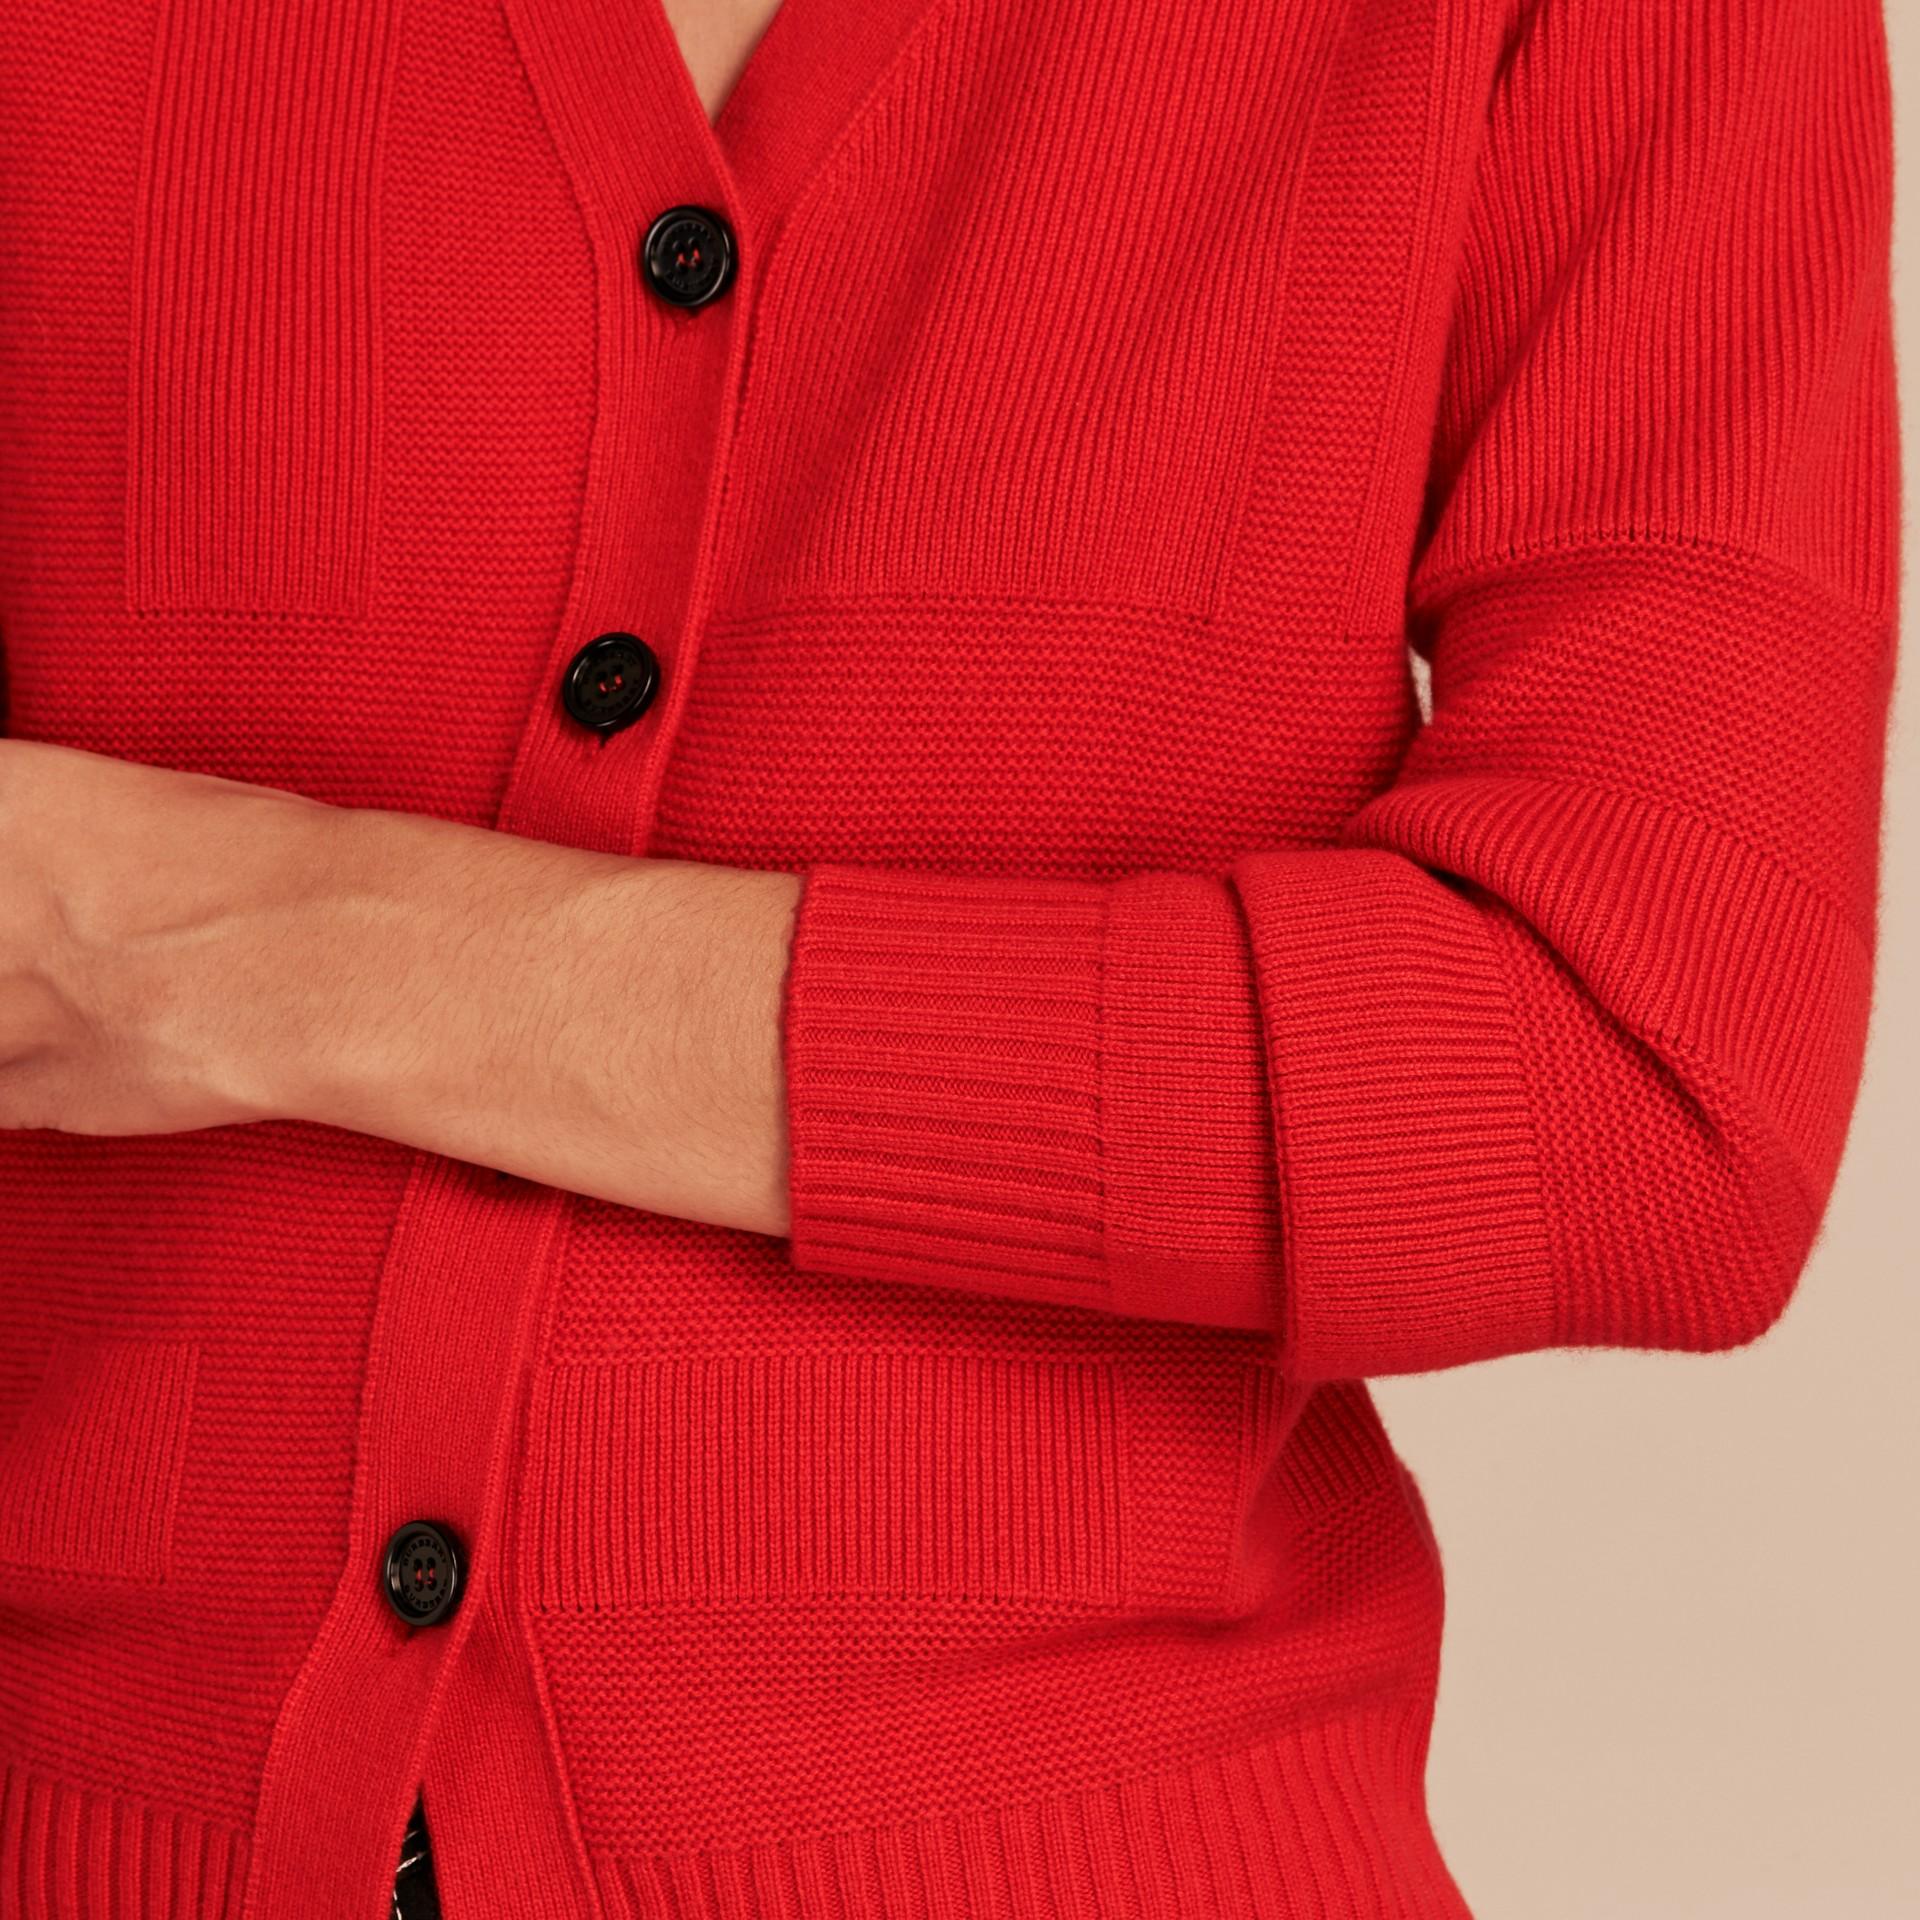 Strickcardigan aus Wolle und Kaschmir mit Check-Muster (Helles Militärrot) - Galerie-Bild 5